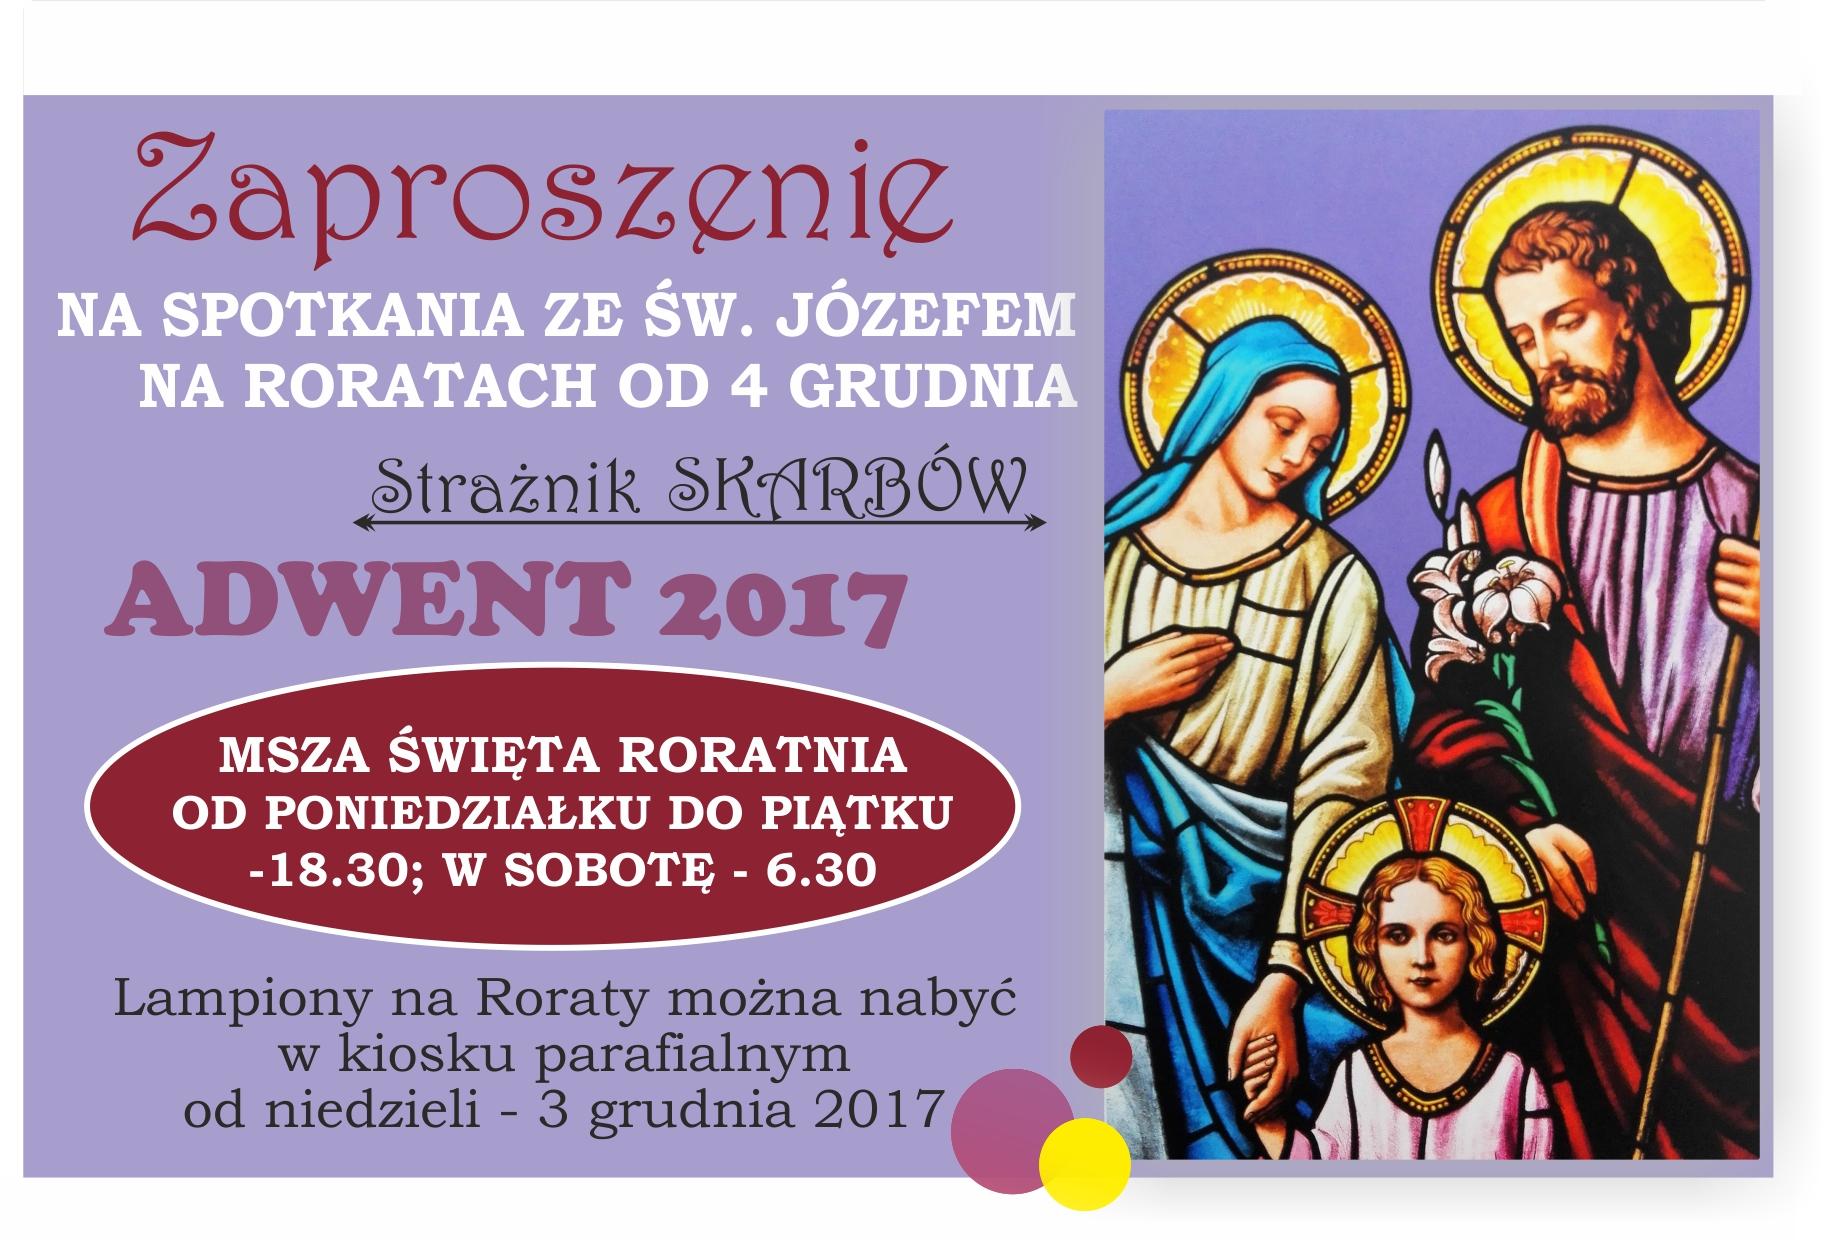 zaproszenie na RORATY 2017 NA WWW